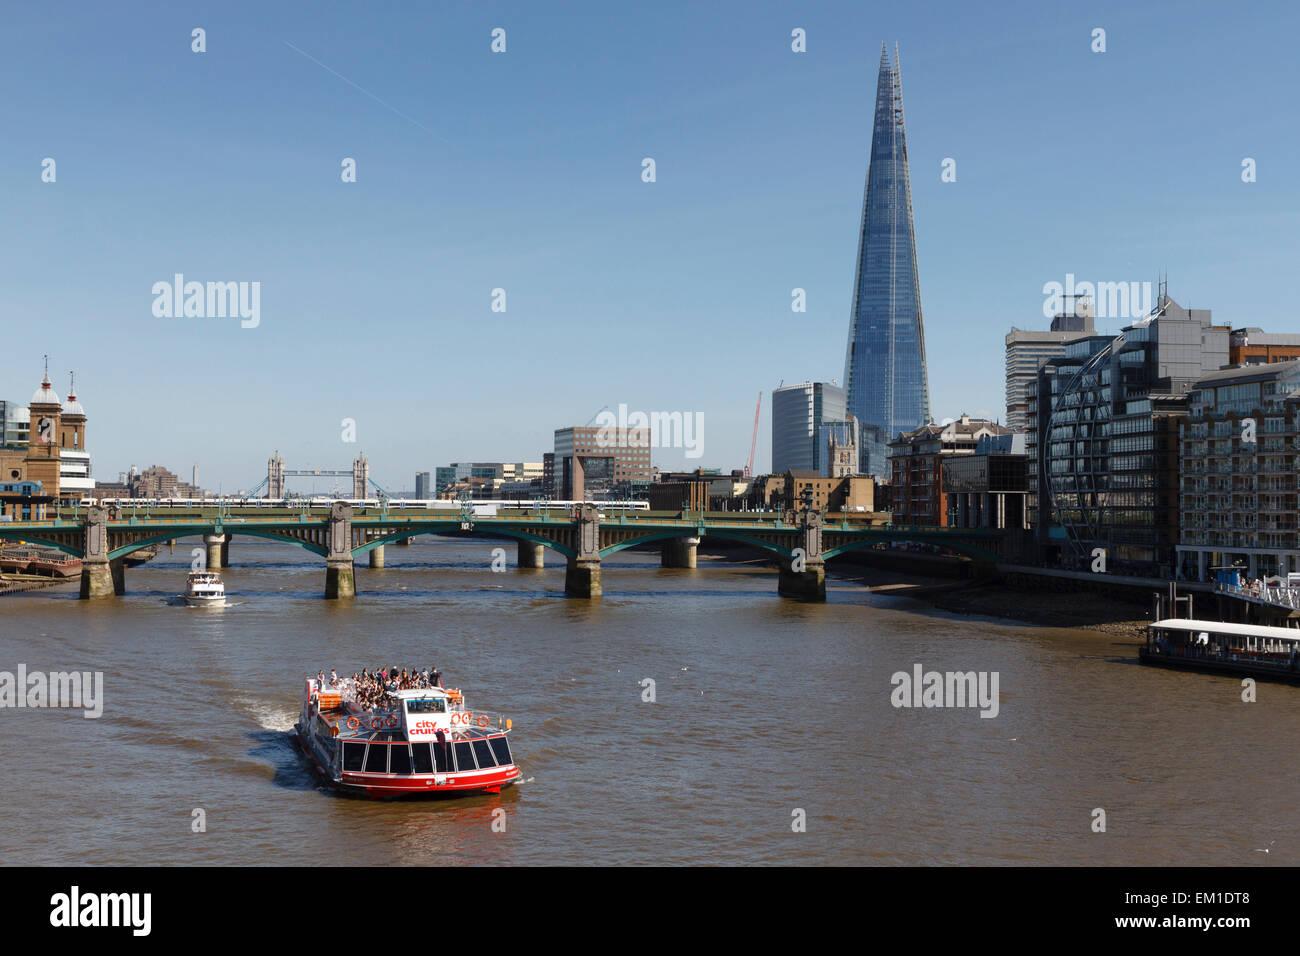 City Cruises viaje en barco por el Río Támesis, Londres, en frente del edificio Shard y Southwark Bridge Imagen De Stock